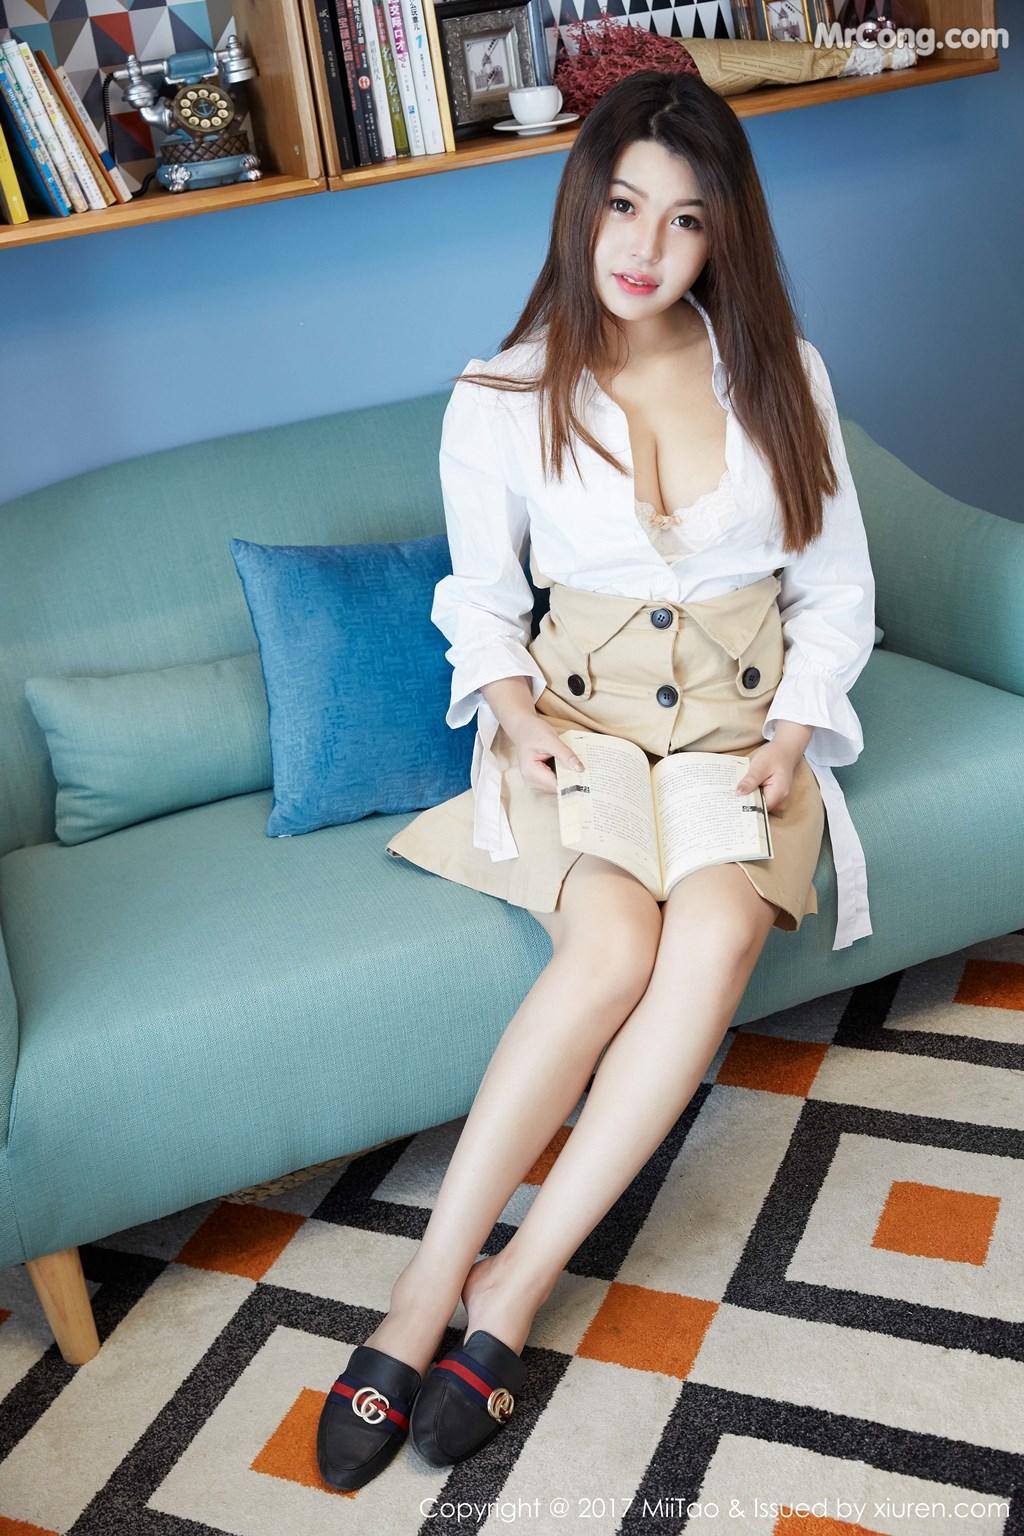 MiiTao Vol.085: Người mẫu 瑞恩Ann (51 ảnh)